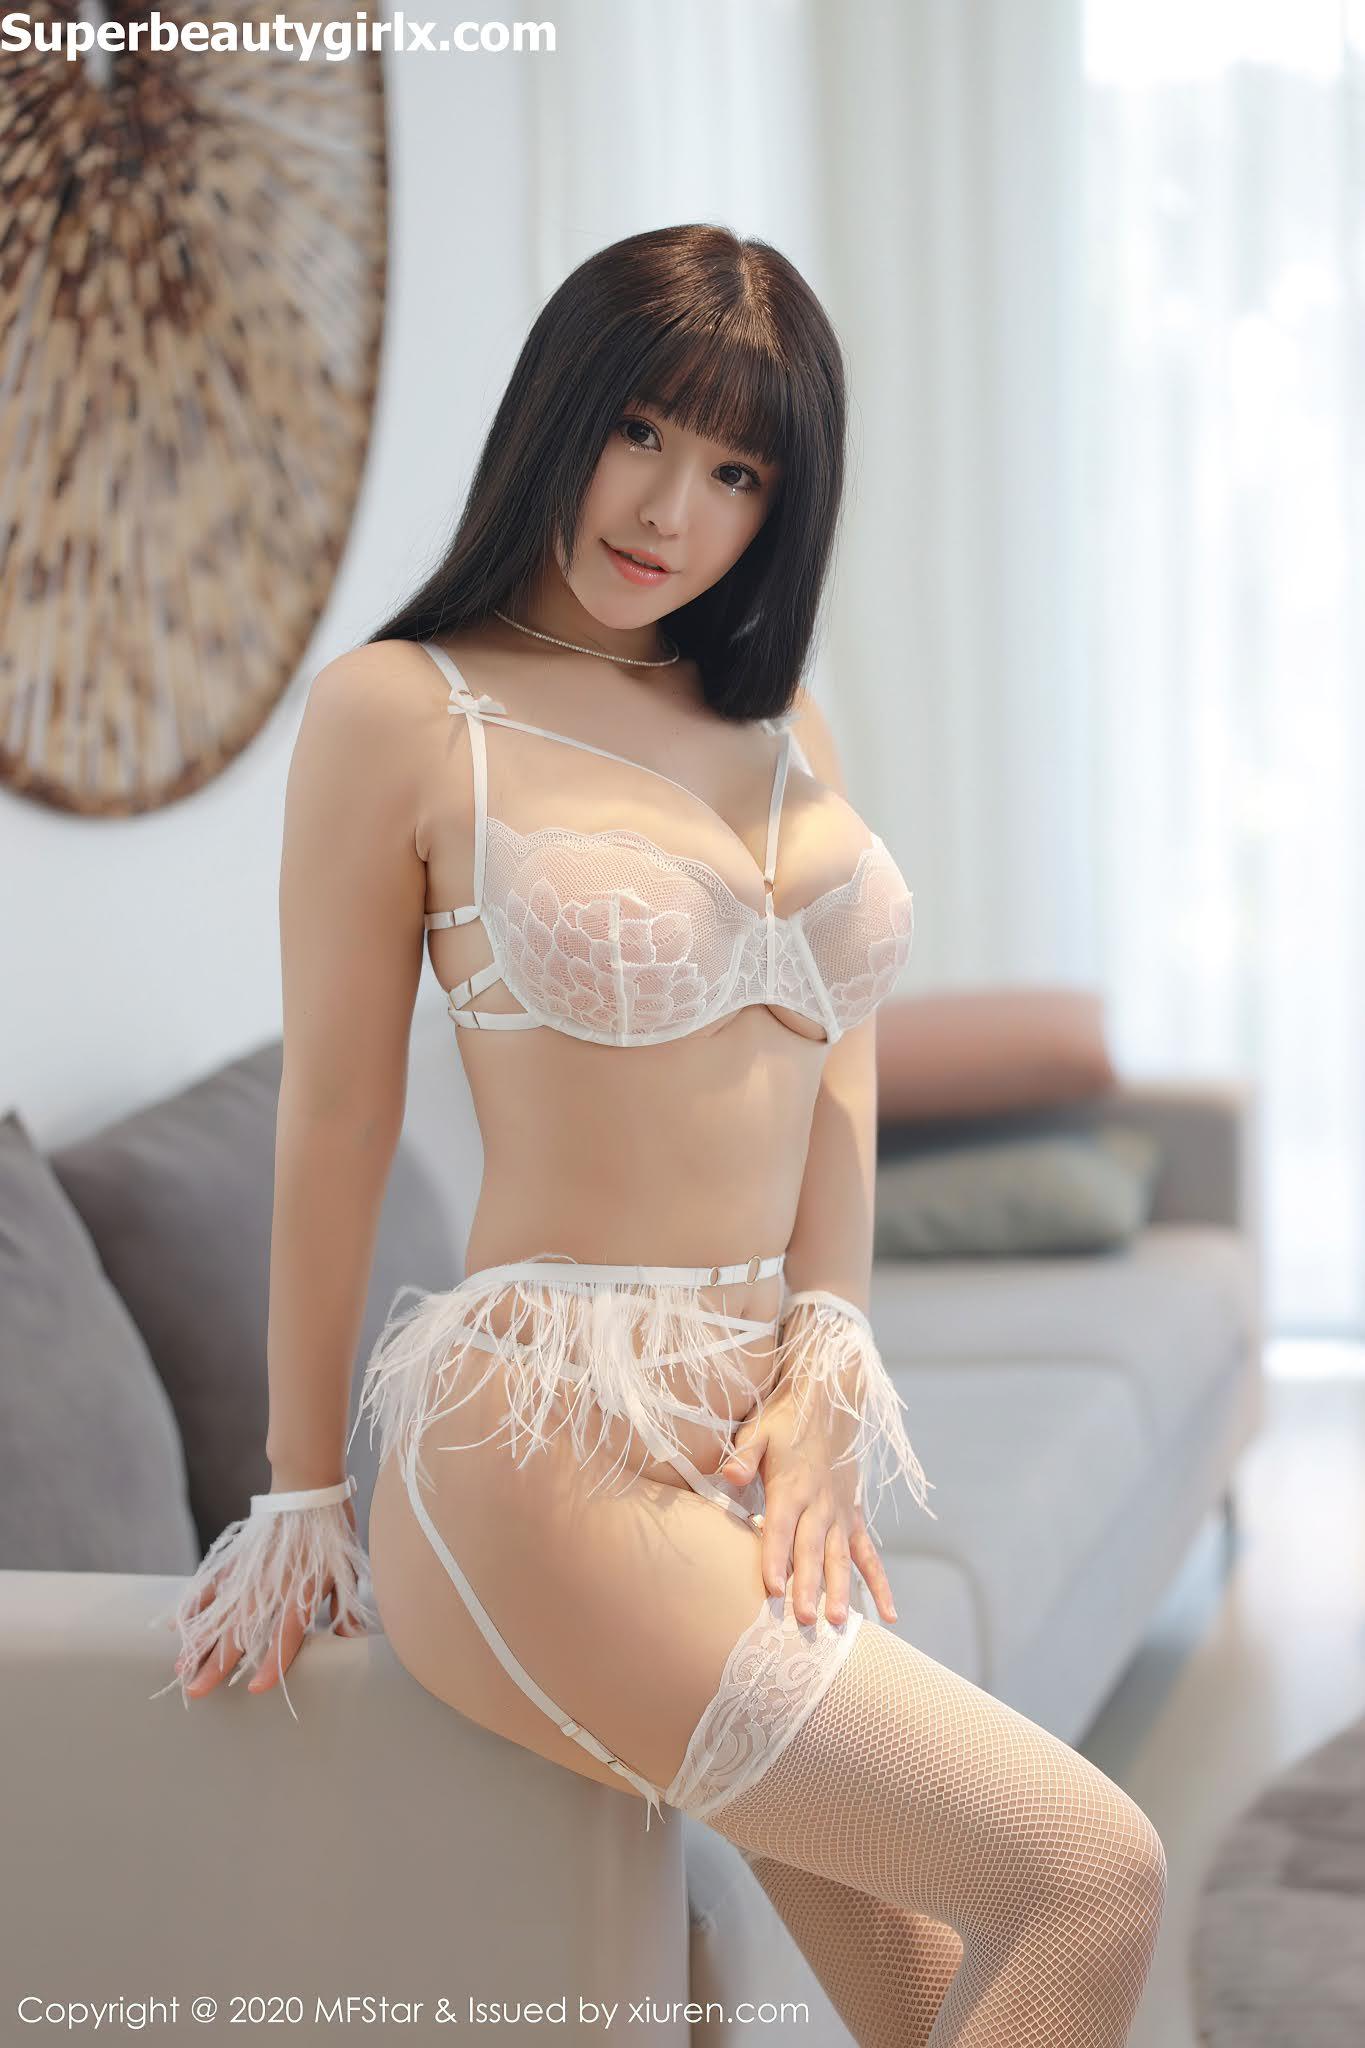 MFStar-Vol.415-Zhu-Ke-Er-Flower-Superbeautygirlx.com